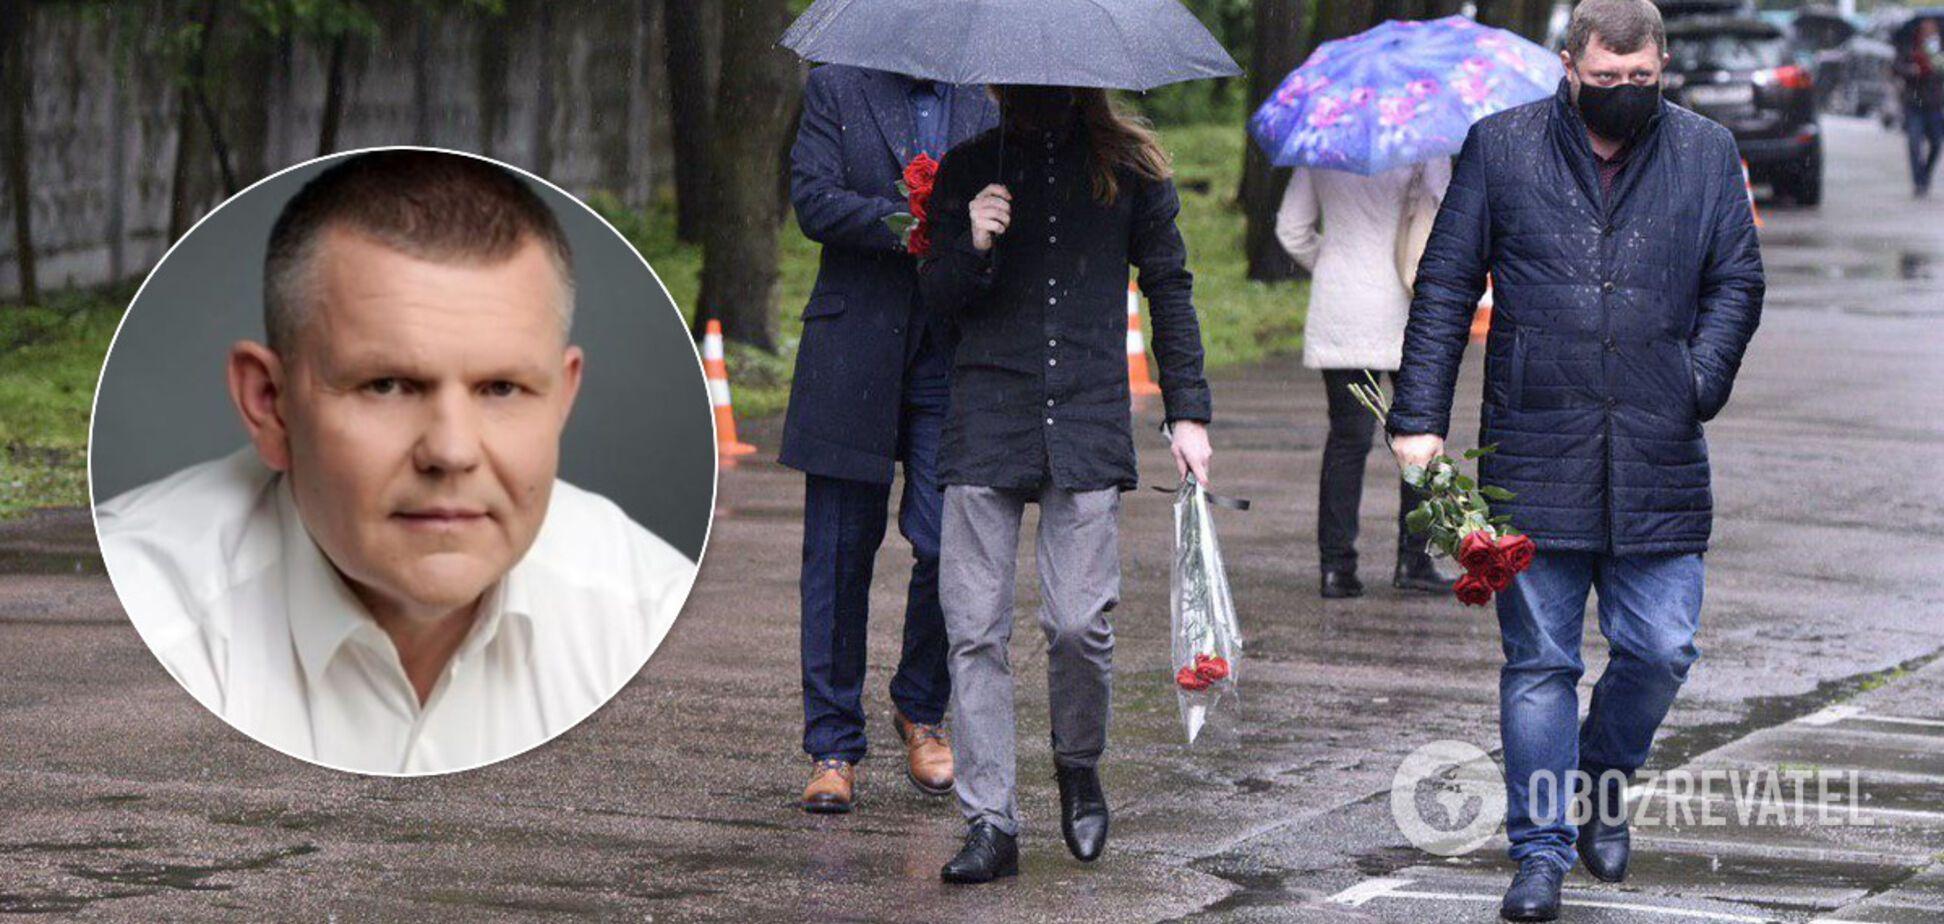 С погибшим нардепом Давыденко попрощались в 'Феофании': появились первые фото и видео